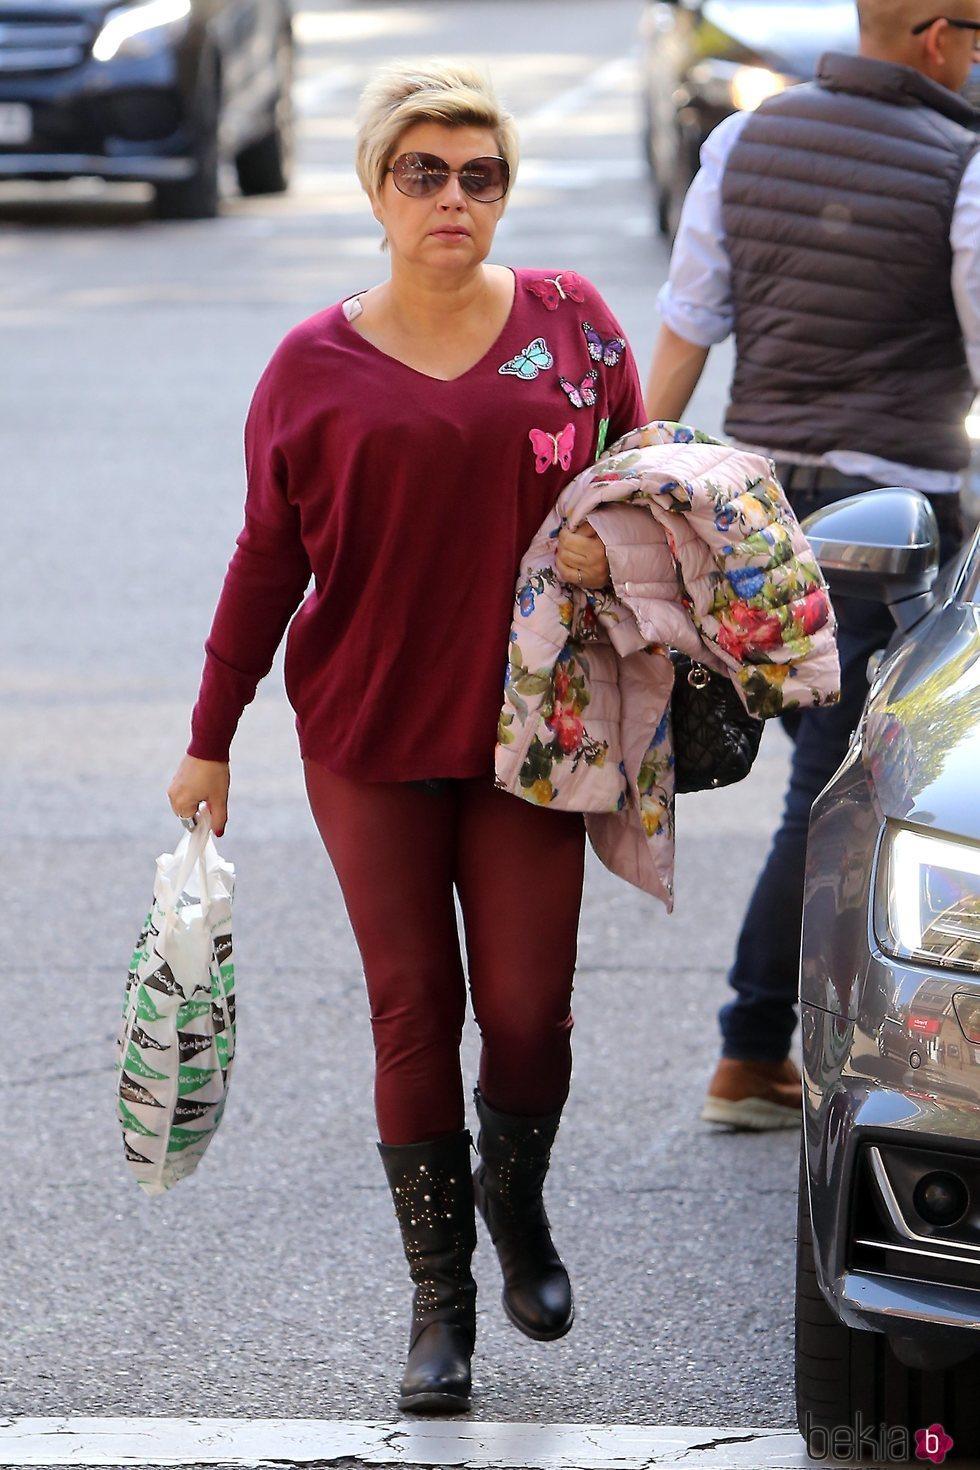 Terelu Campos acudiendo a una revisión dos semanas después de su doble mastectomía